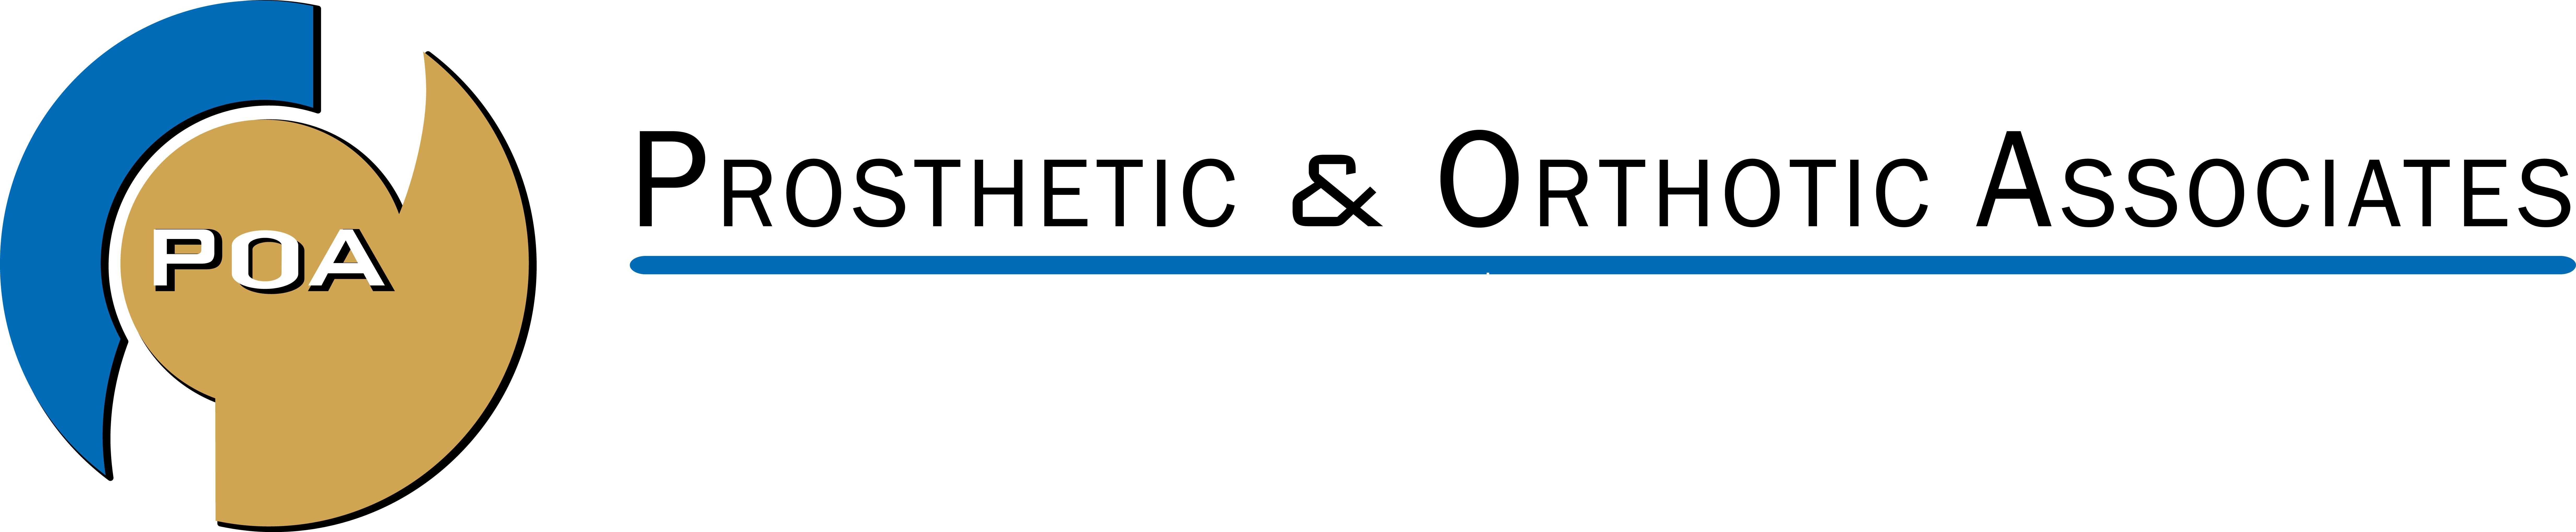 Prosthetic & Orthotic Assoc. logo